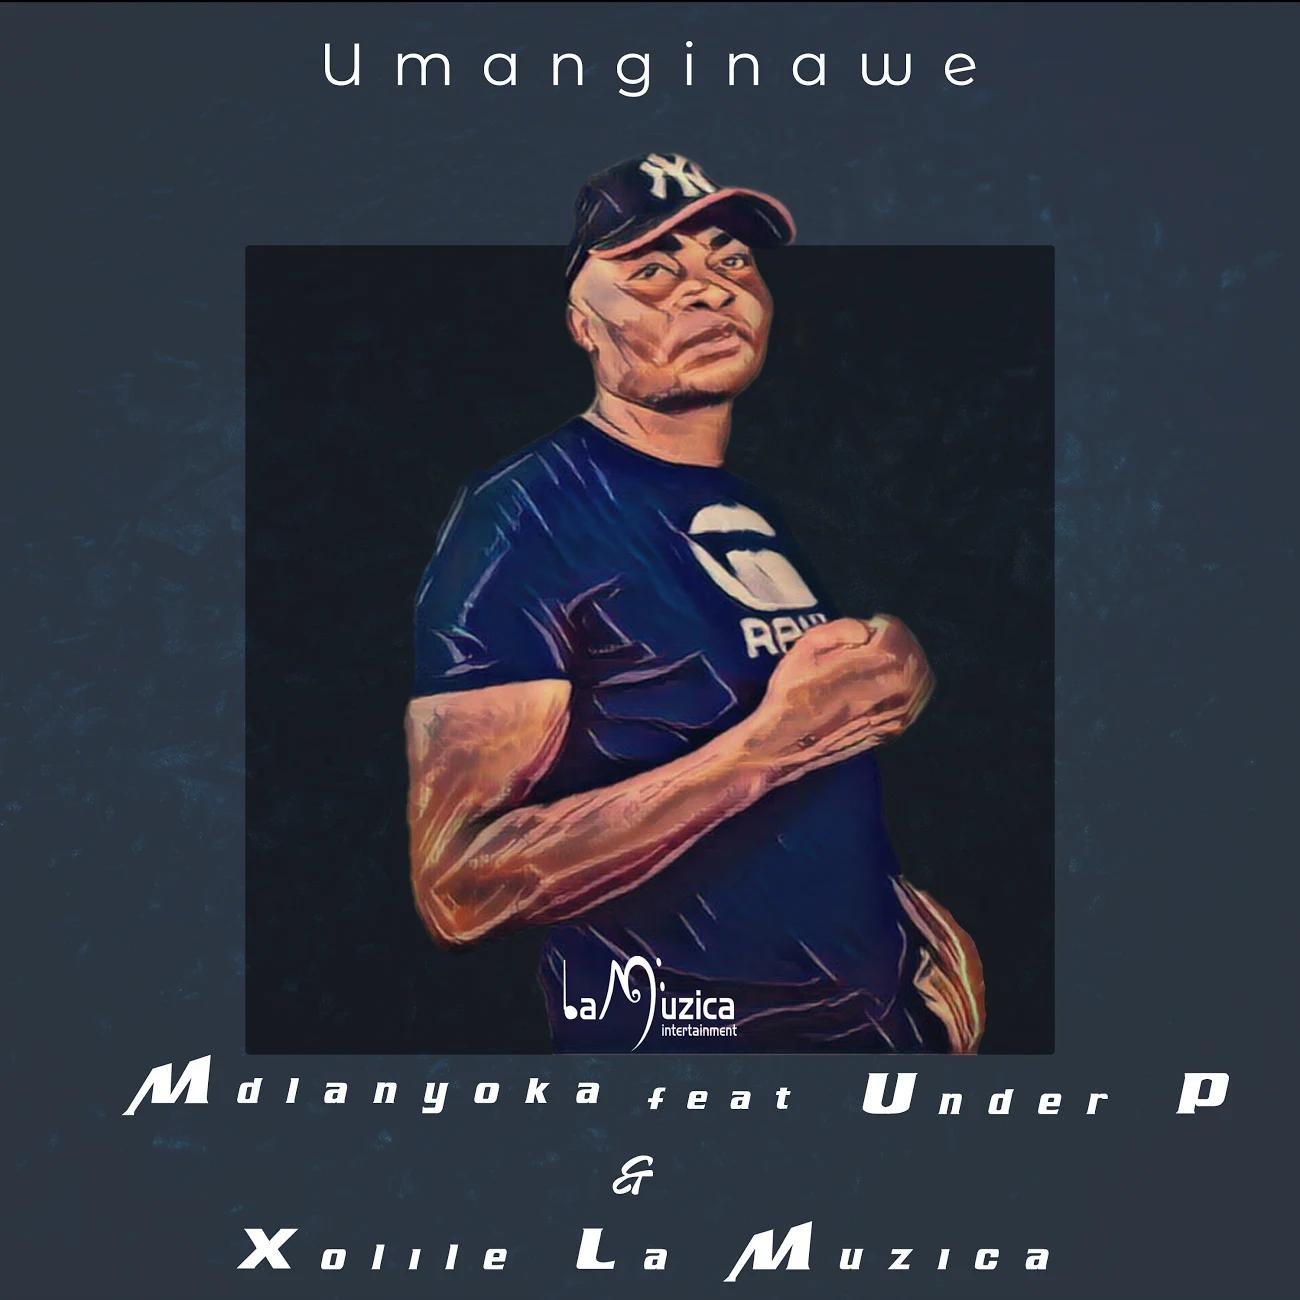 Mdlanyoka – Umanginawe (feat. Xolile La Muzica & Under_P)